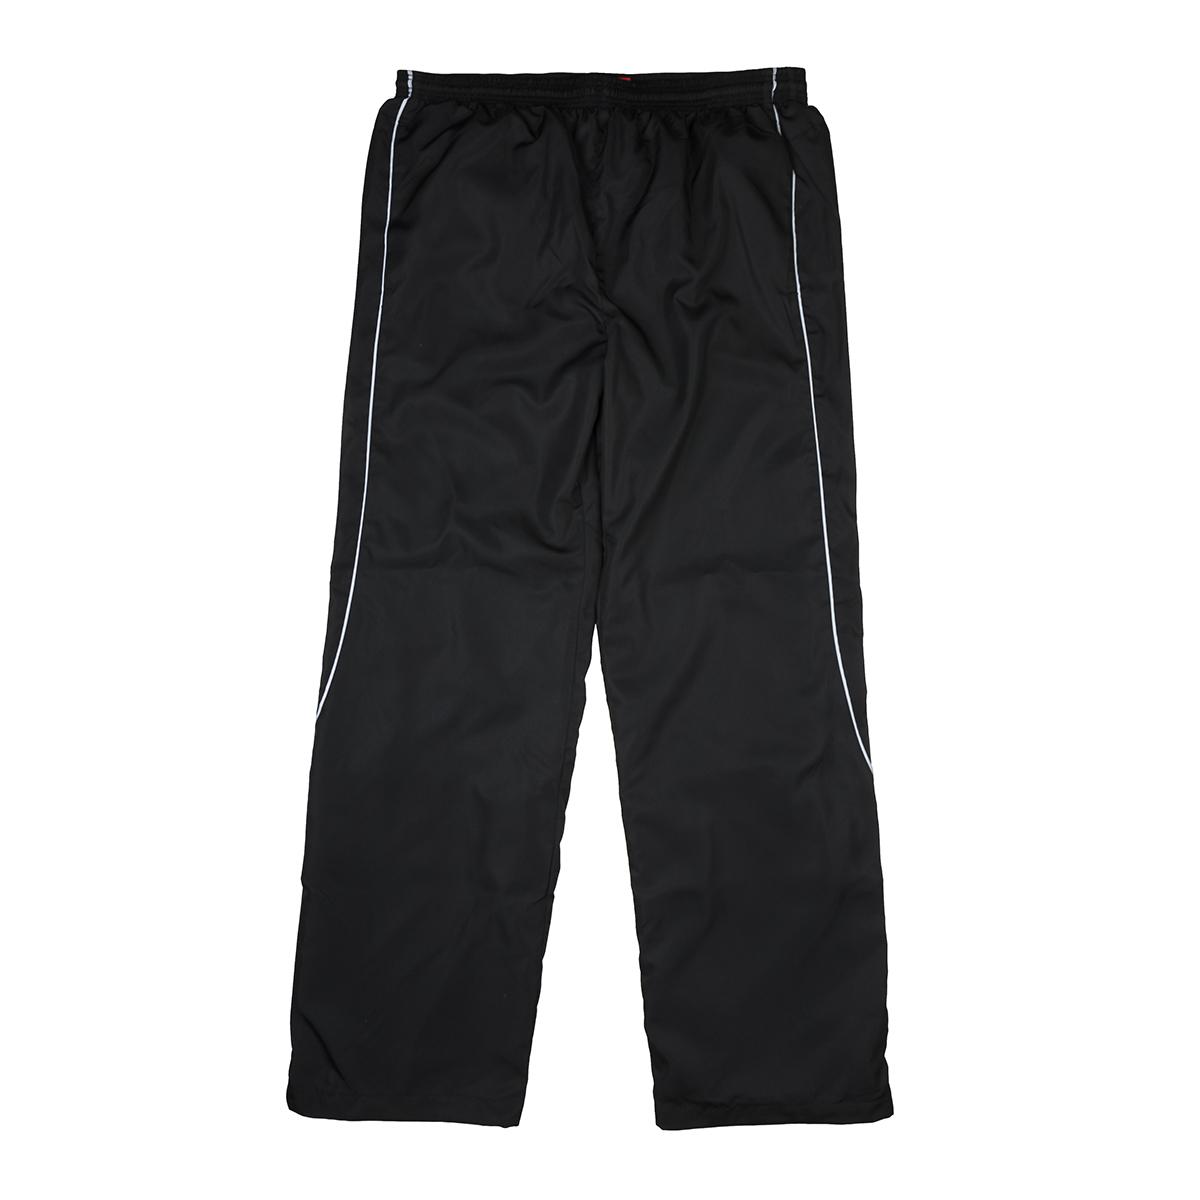 Mode begrenzter Stil beispiellos North 56°4 by Allsize Sporthose schwarz